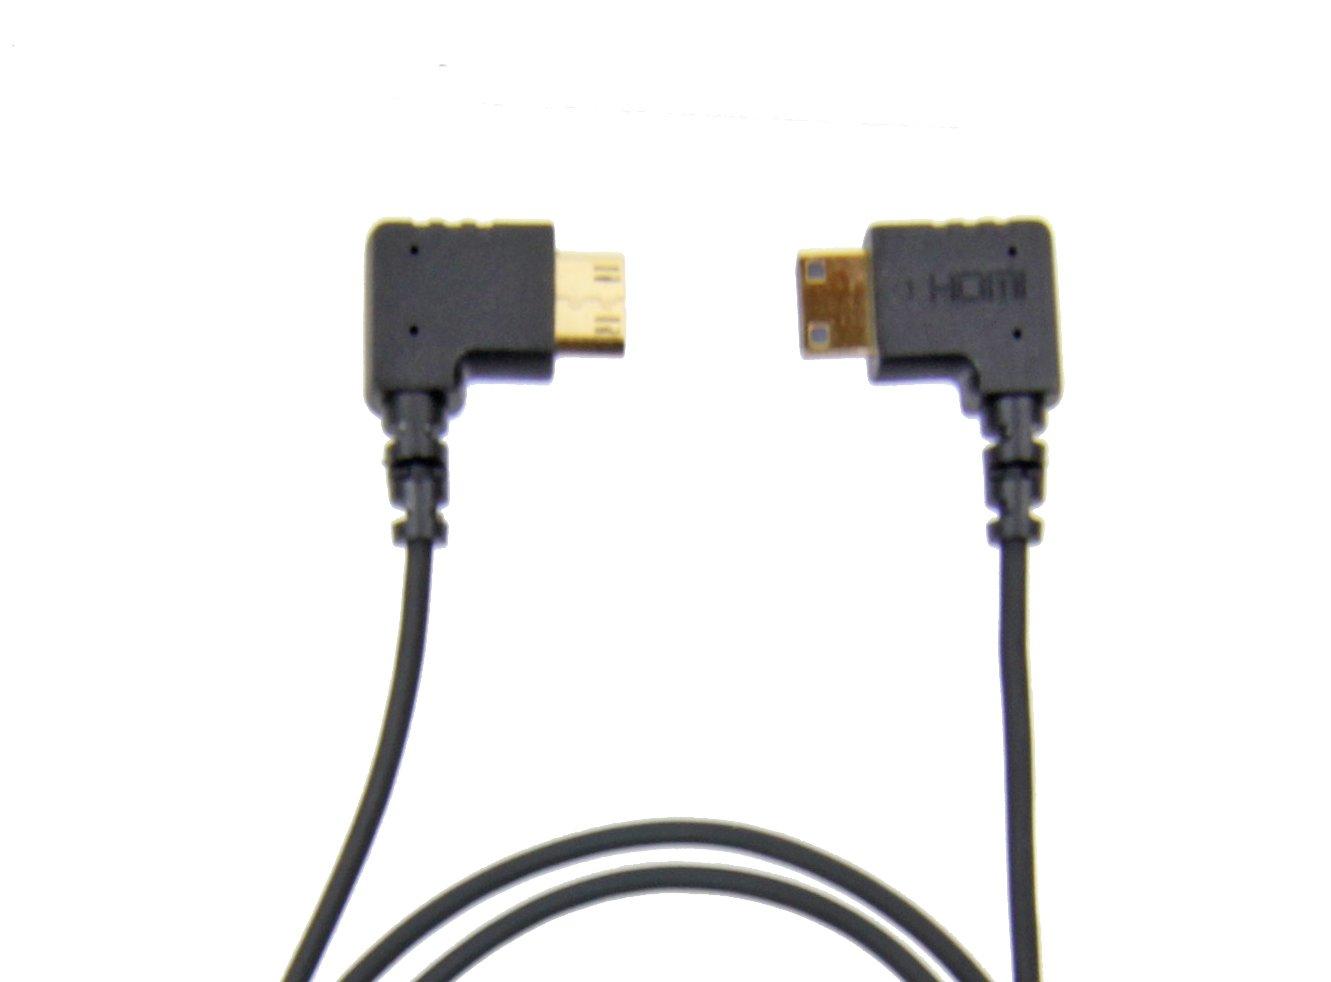 CMR UltraFlex Micro Right Angle HDMI Male To Standard HDMI Male Cable 15 Inches